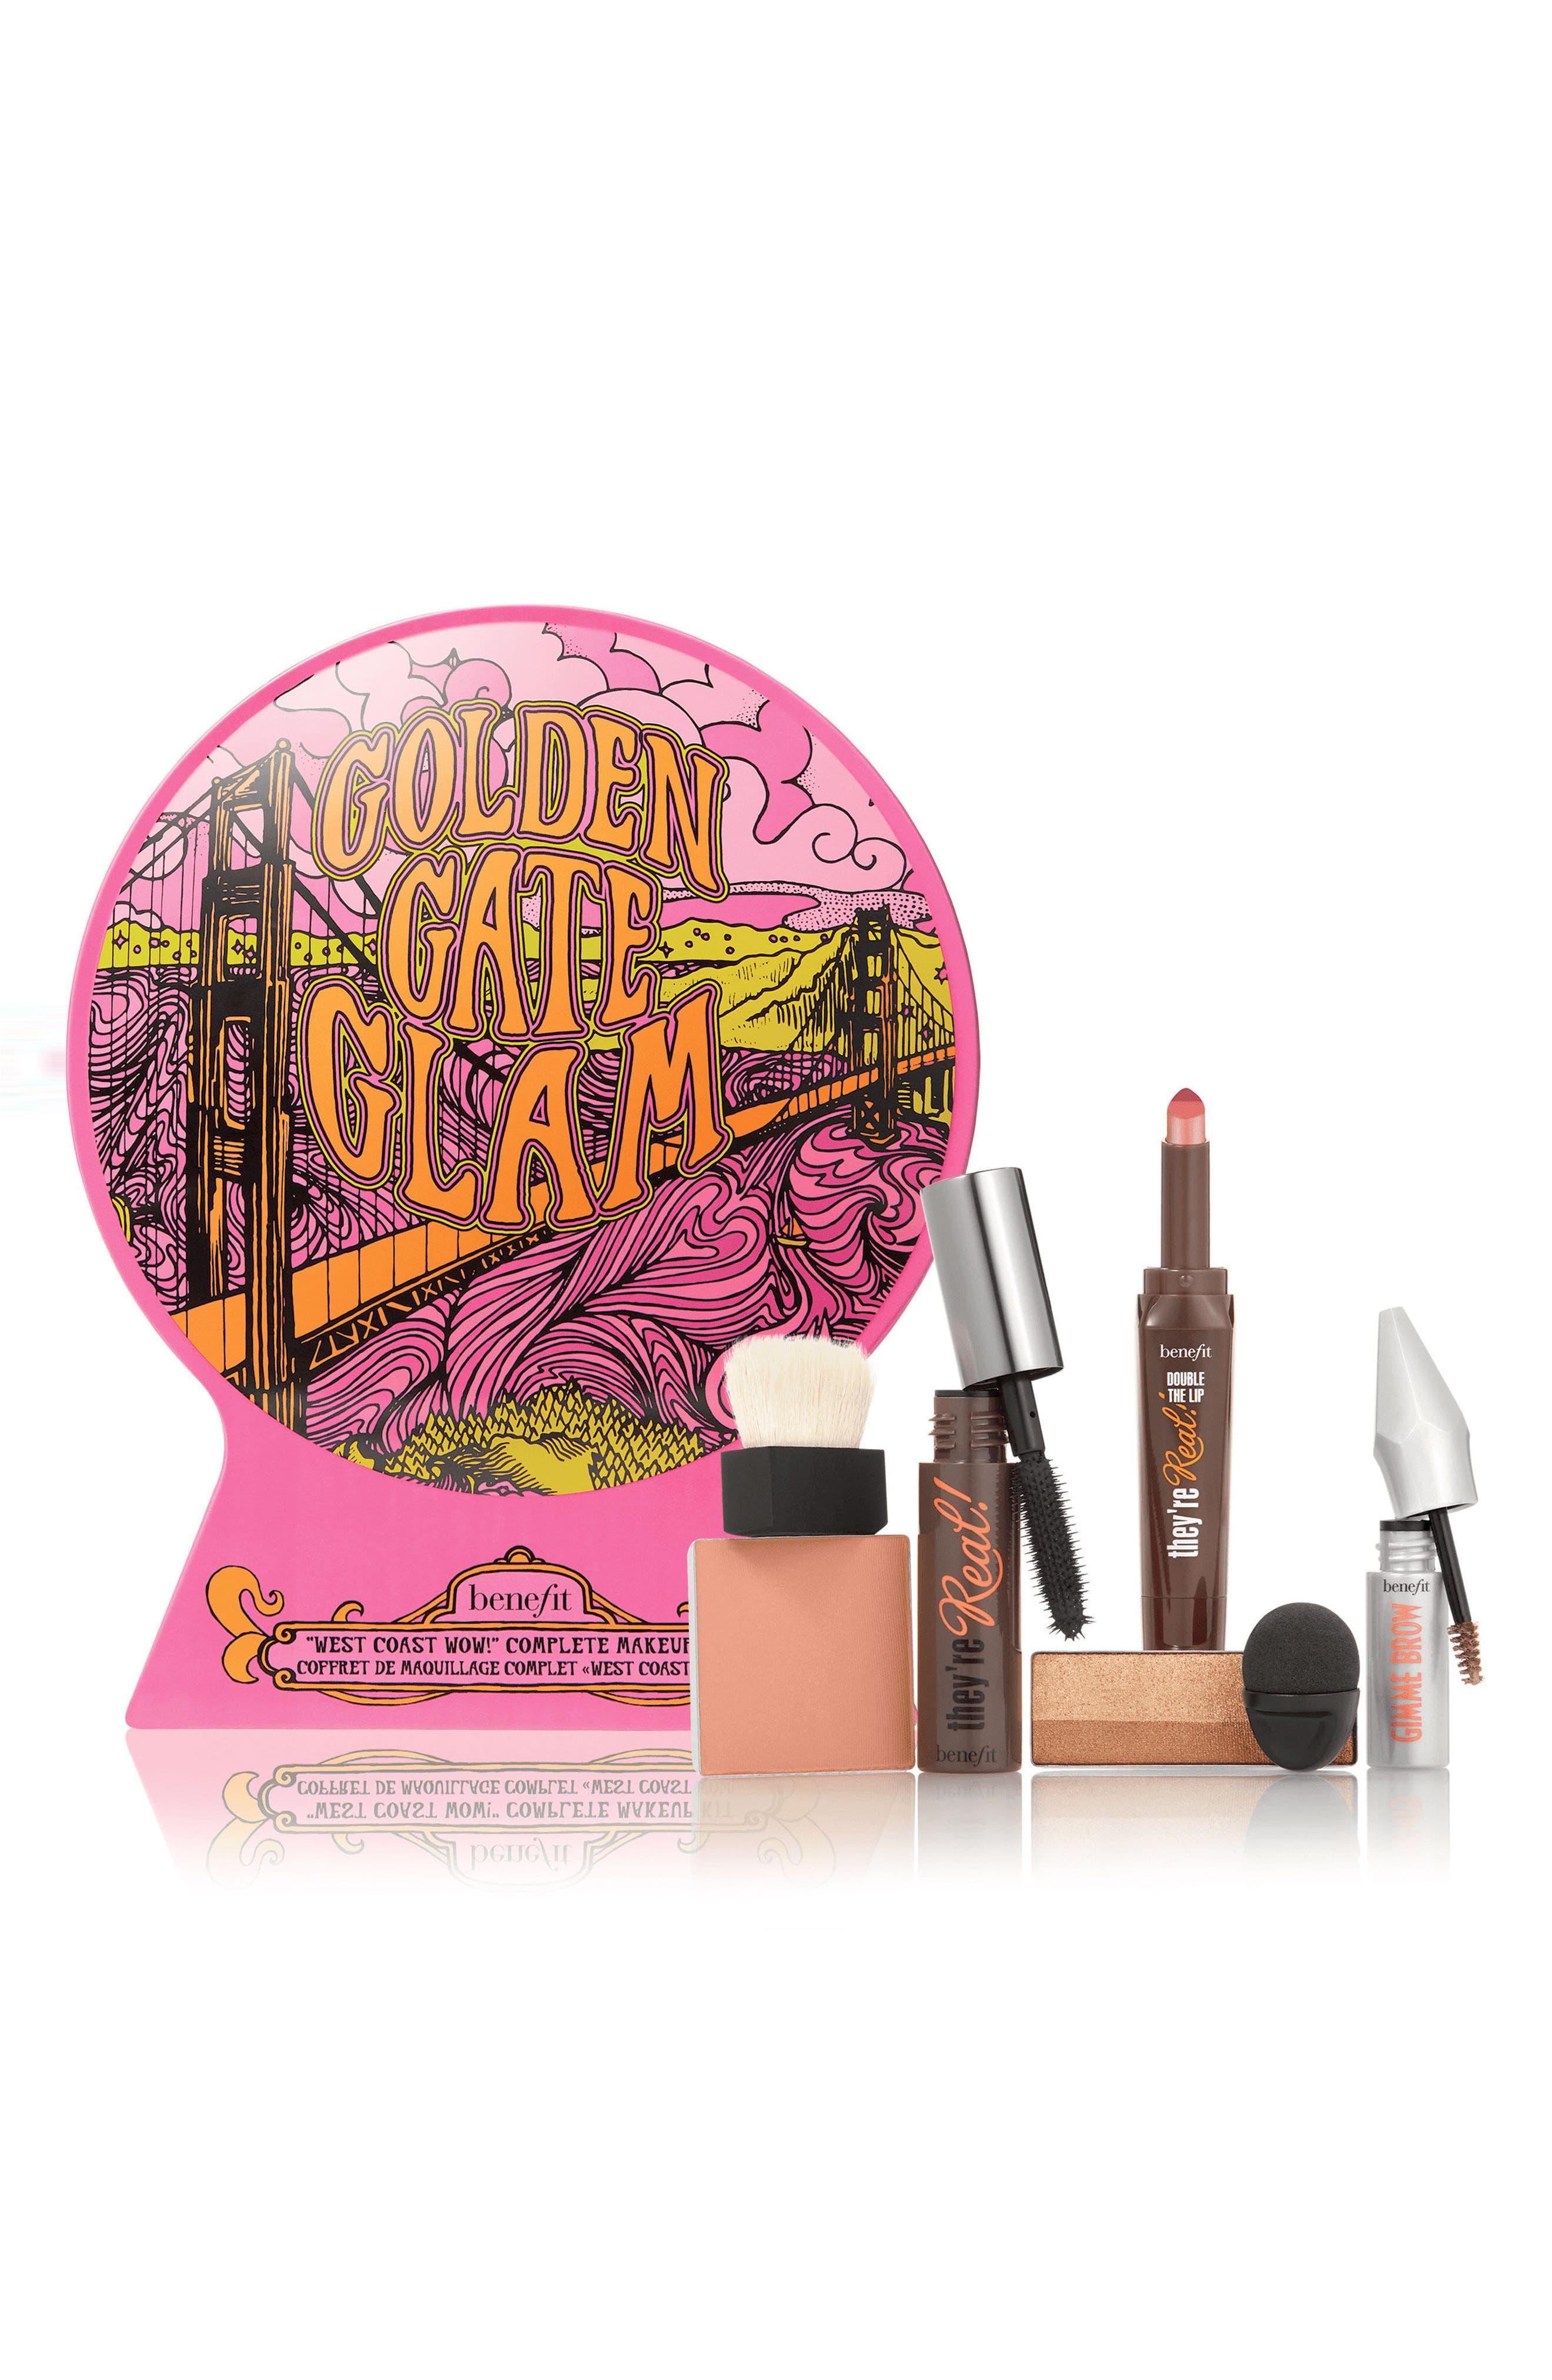 Benefit Golden Gate Glam Complete Makeup Kit,                         Main,                         color, 000